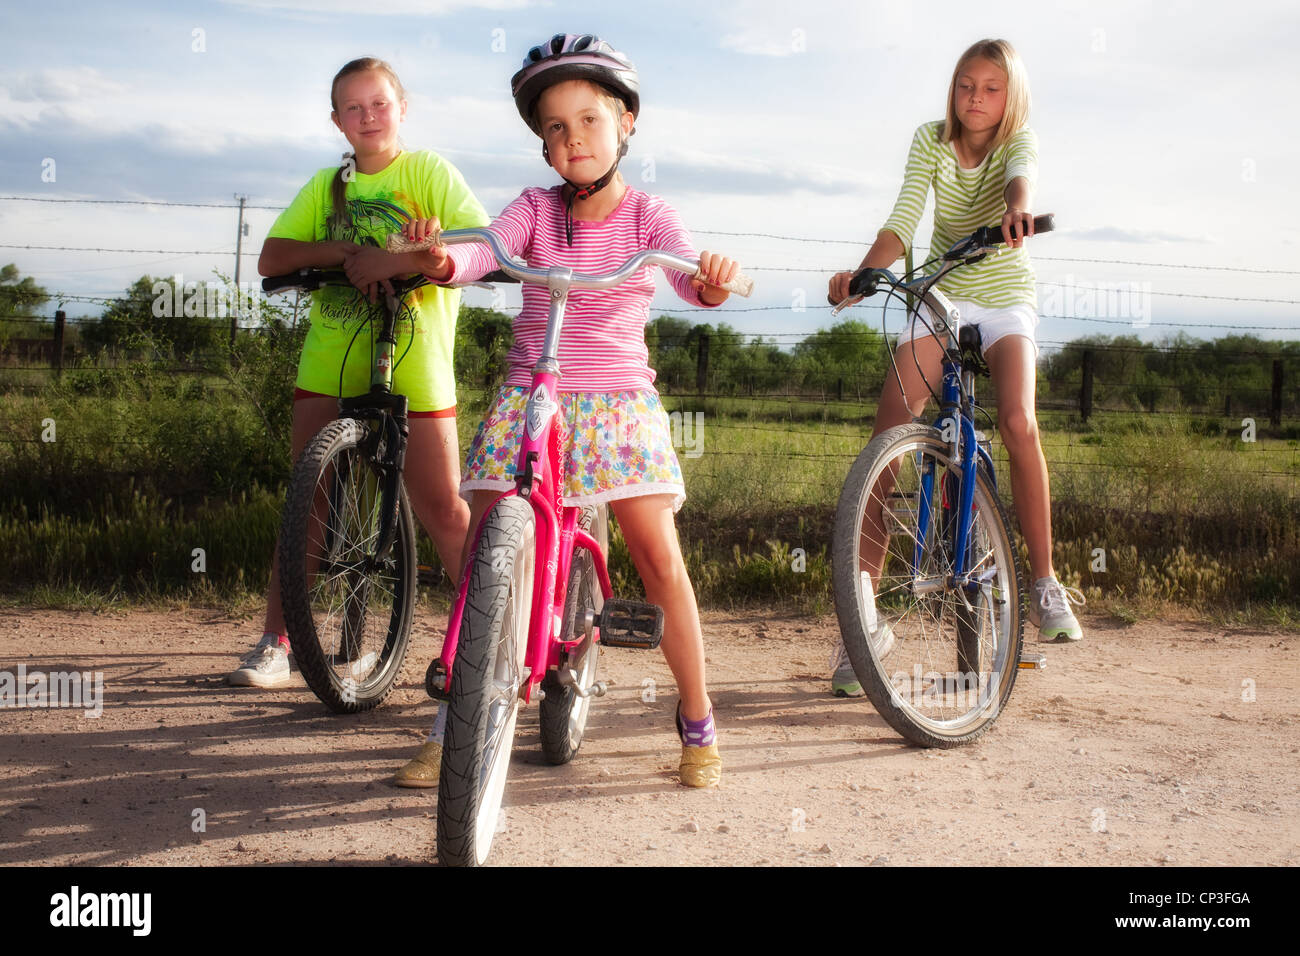 Trois filles sur une bicyclette en zone rurale. Photo Stock